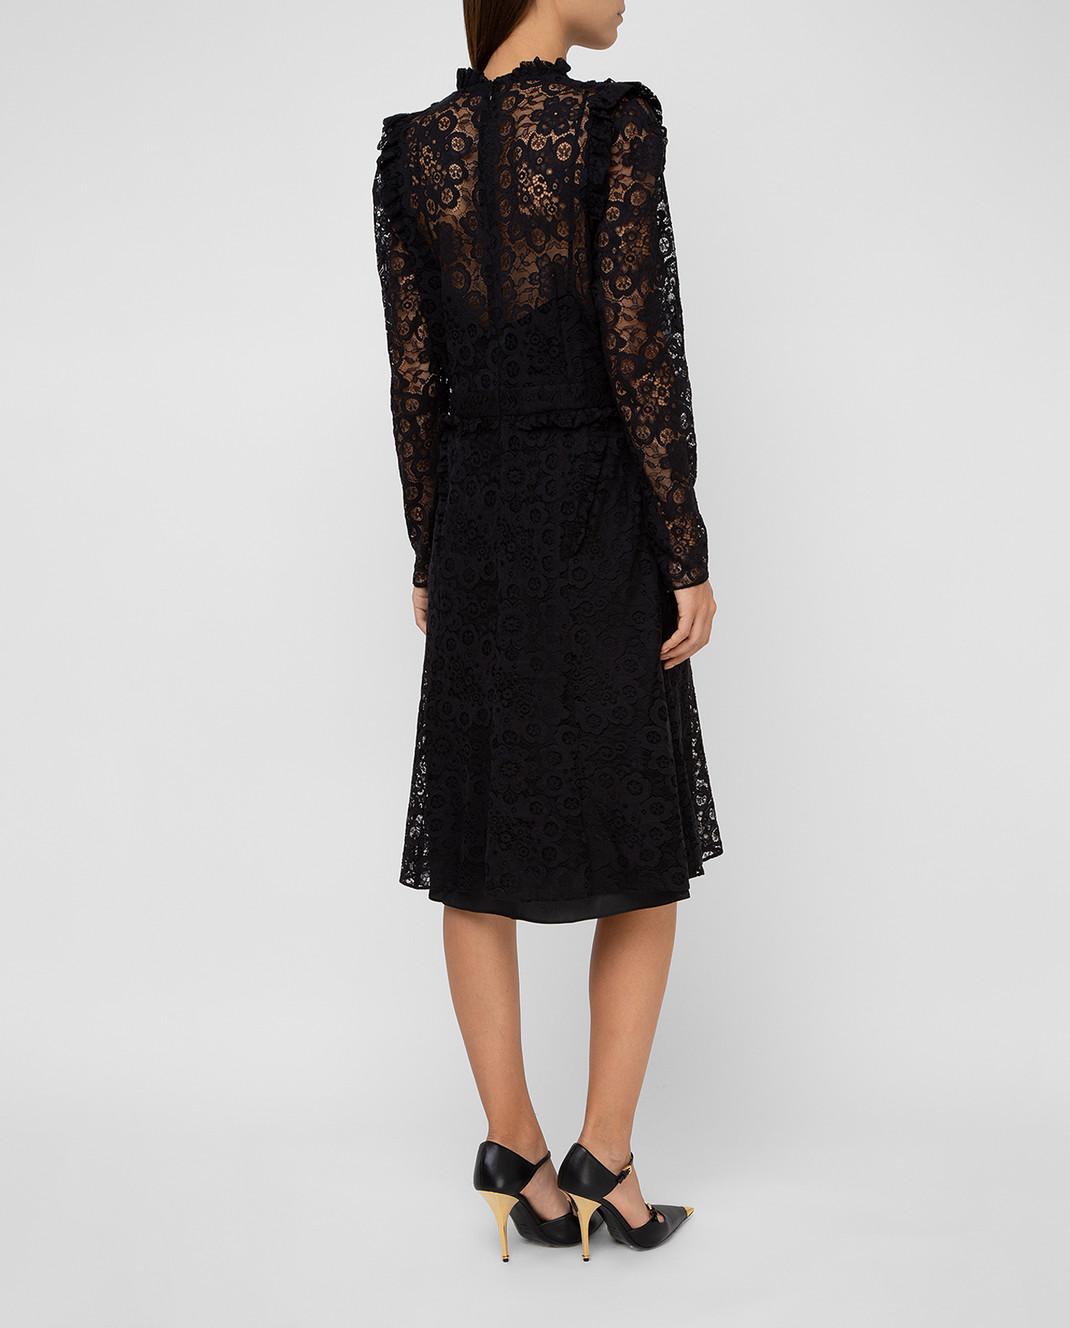 Altuzarra Черное платье 318316795 изображение 4